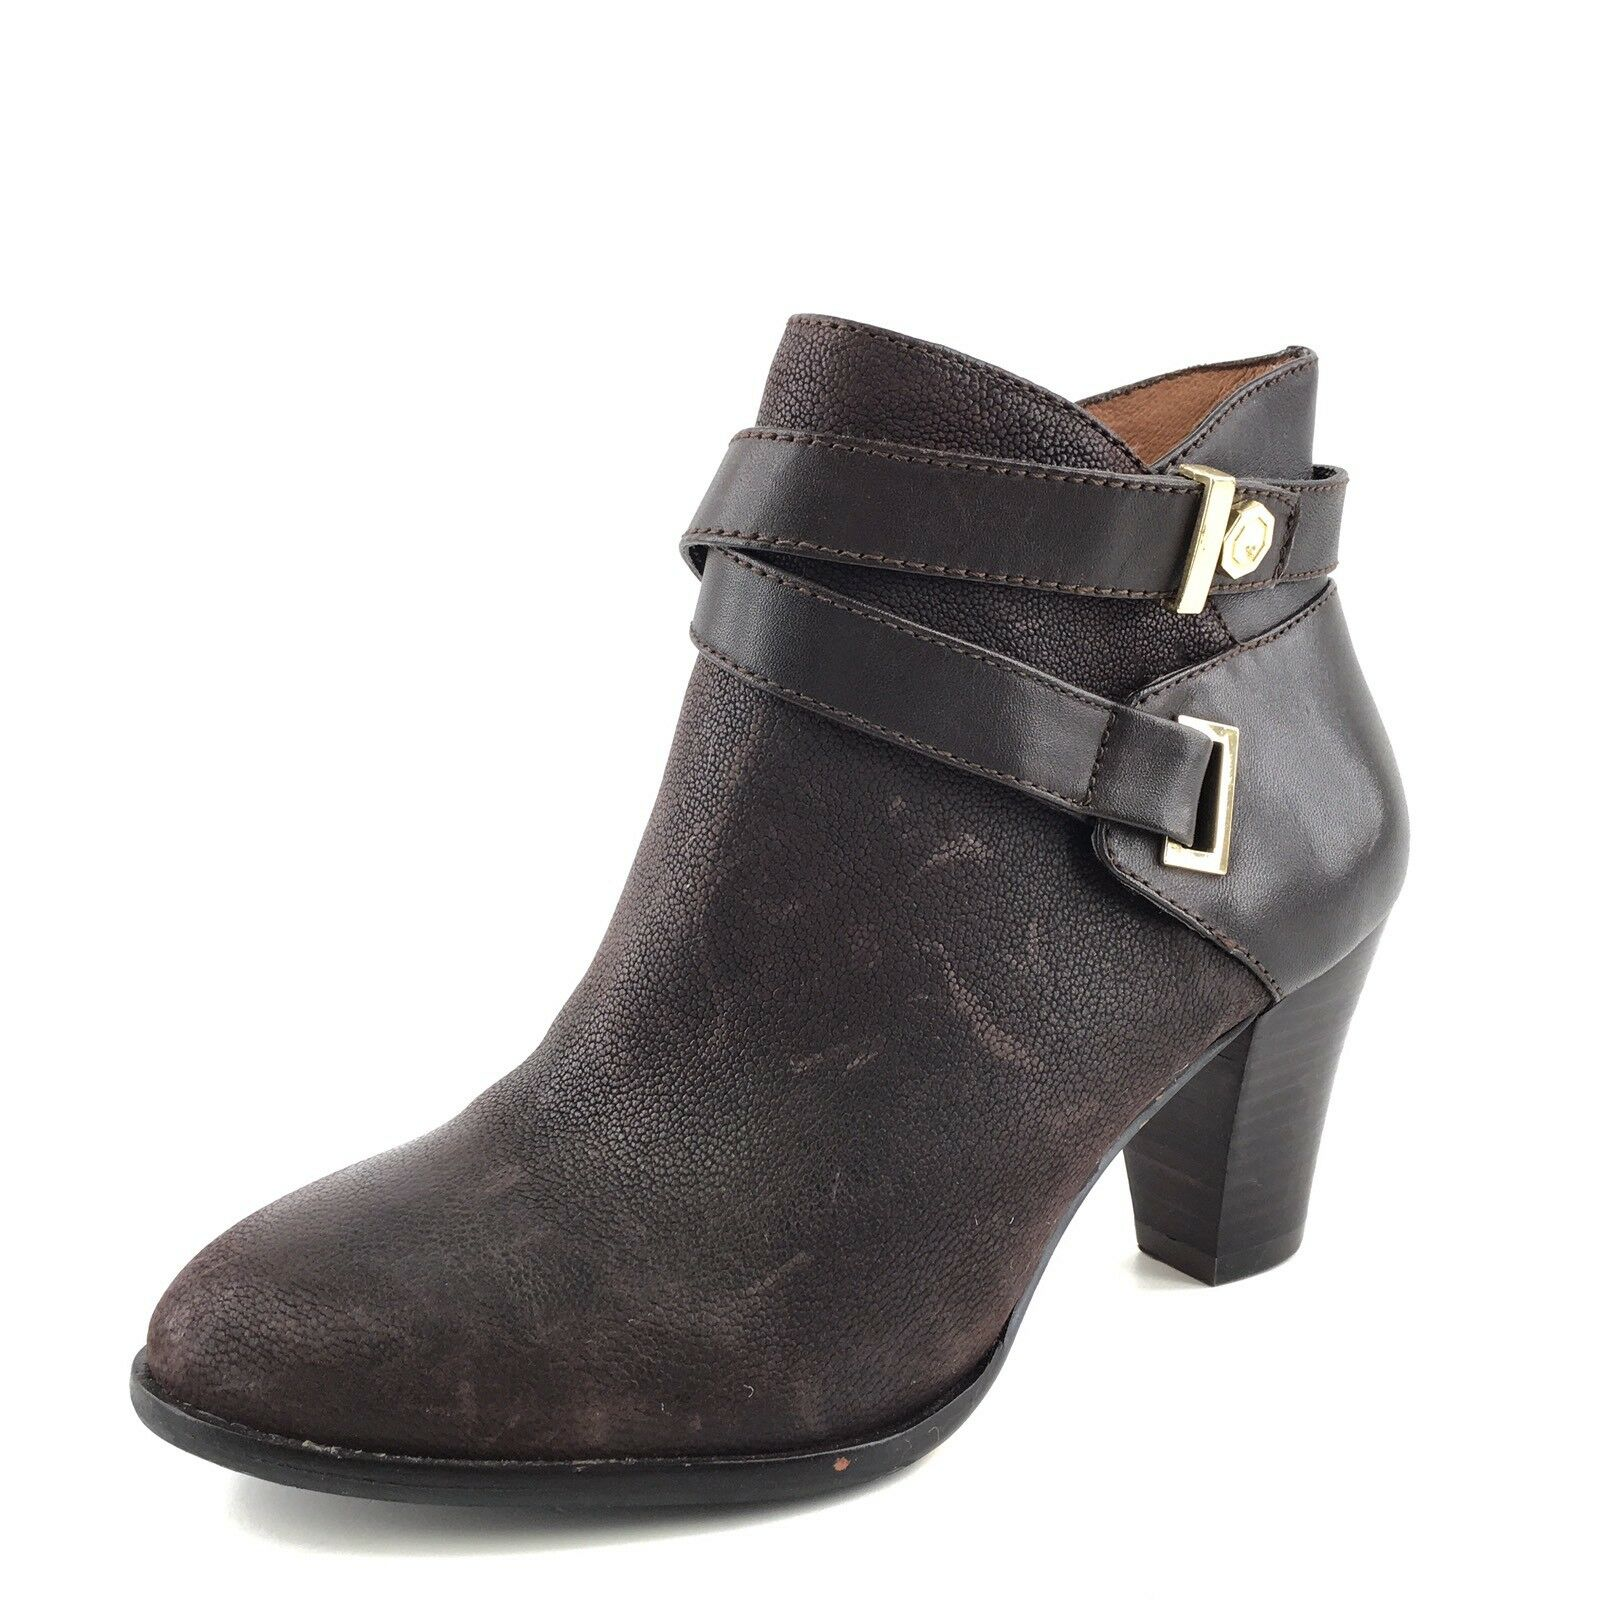 Louise et Cie Ranier Dark Braun Leder Fashion Ankle Stiefel Damenschuhe Größe 6.5 M